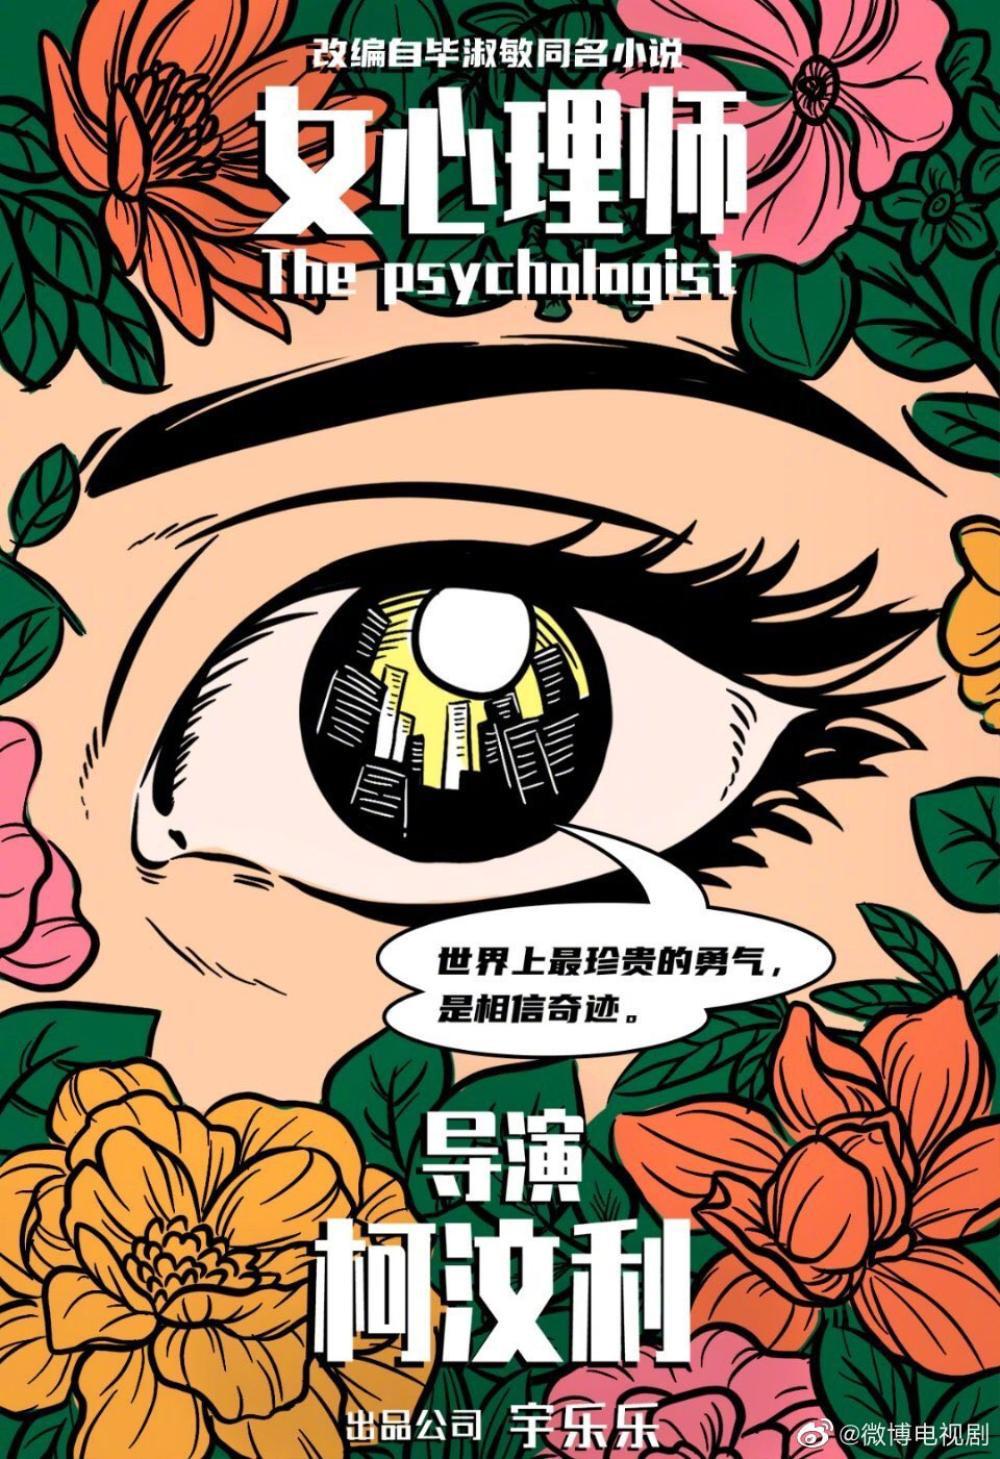 Hết chạm môi Tiêu Chiến, Dương Tử lộ ảnh hôn thắm thiết Tỉnh Bách Nhiên trong phim mới Ảnh 2